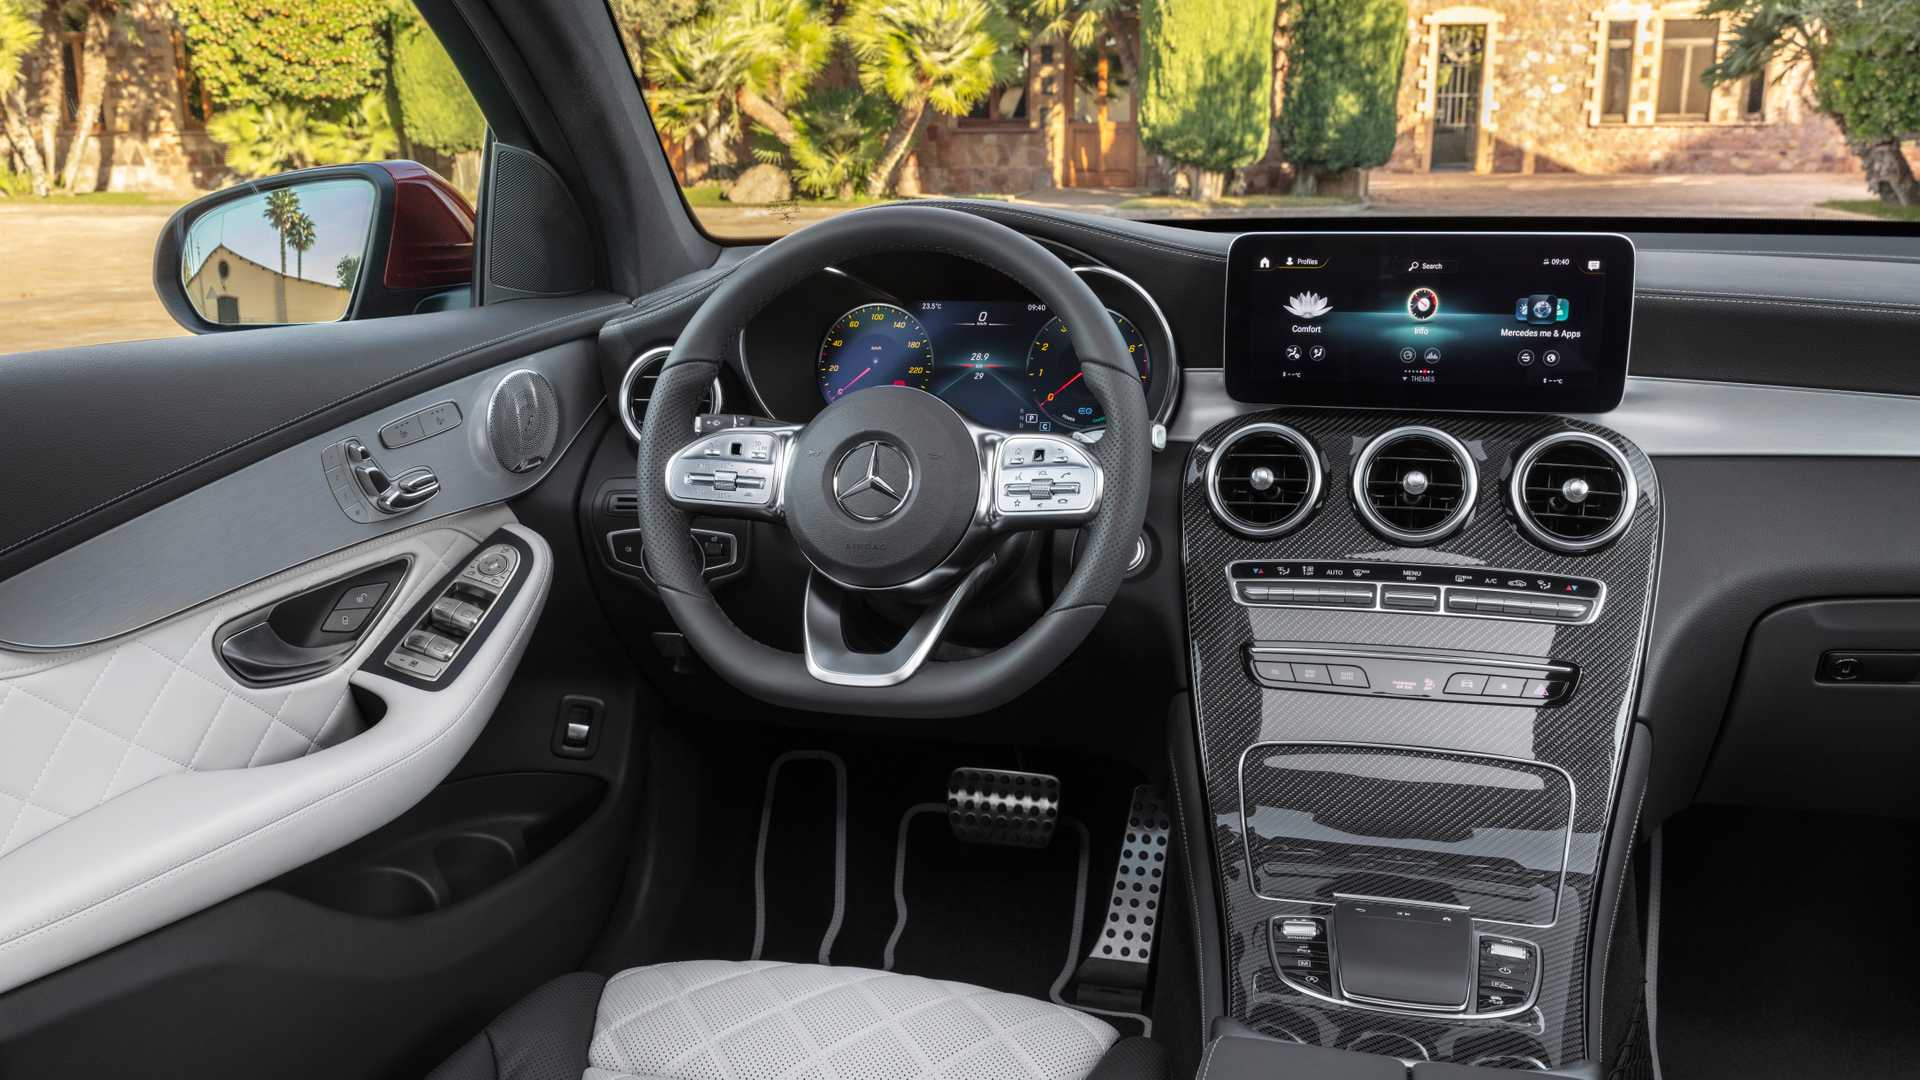 Mercedes Glc Coupe 2019 Interior 01